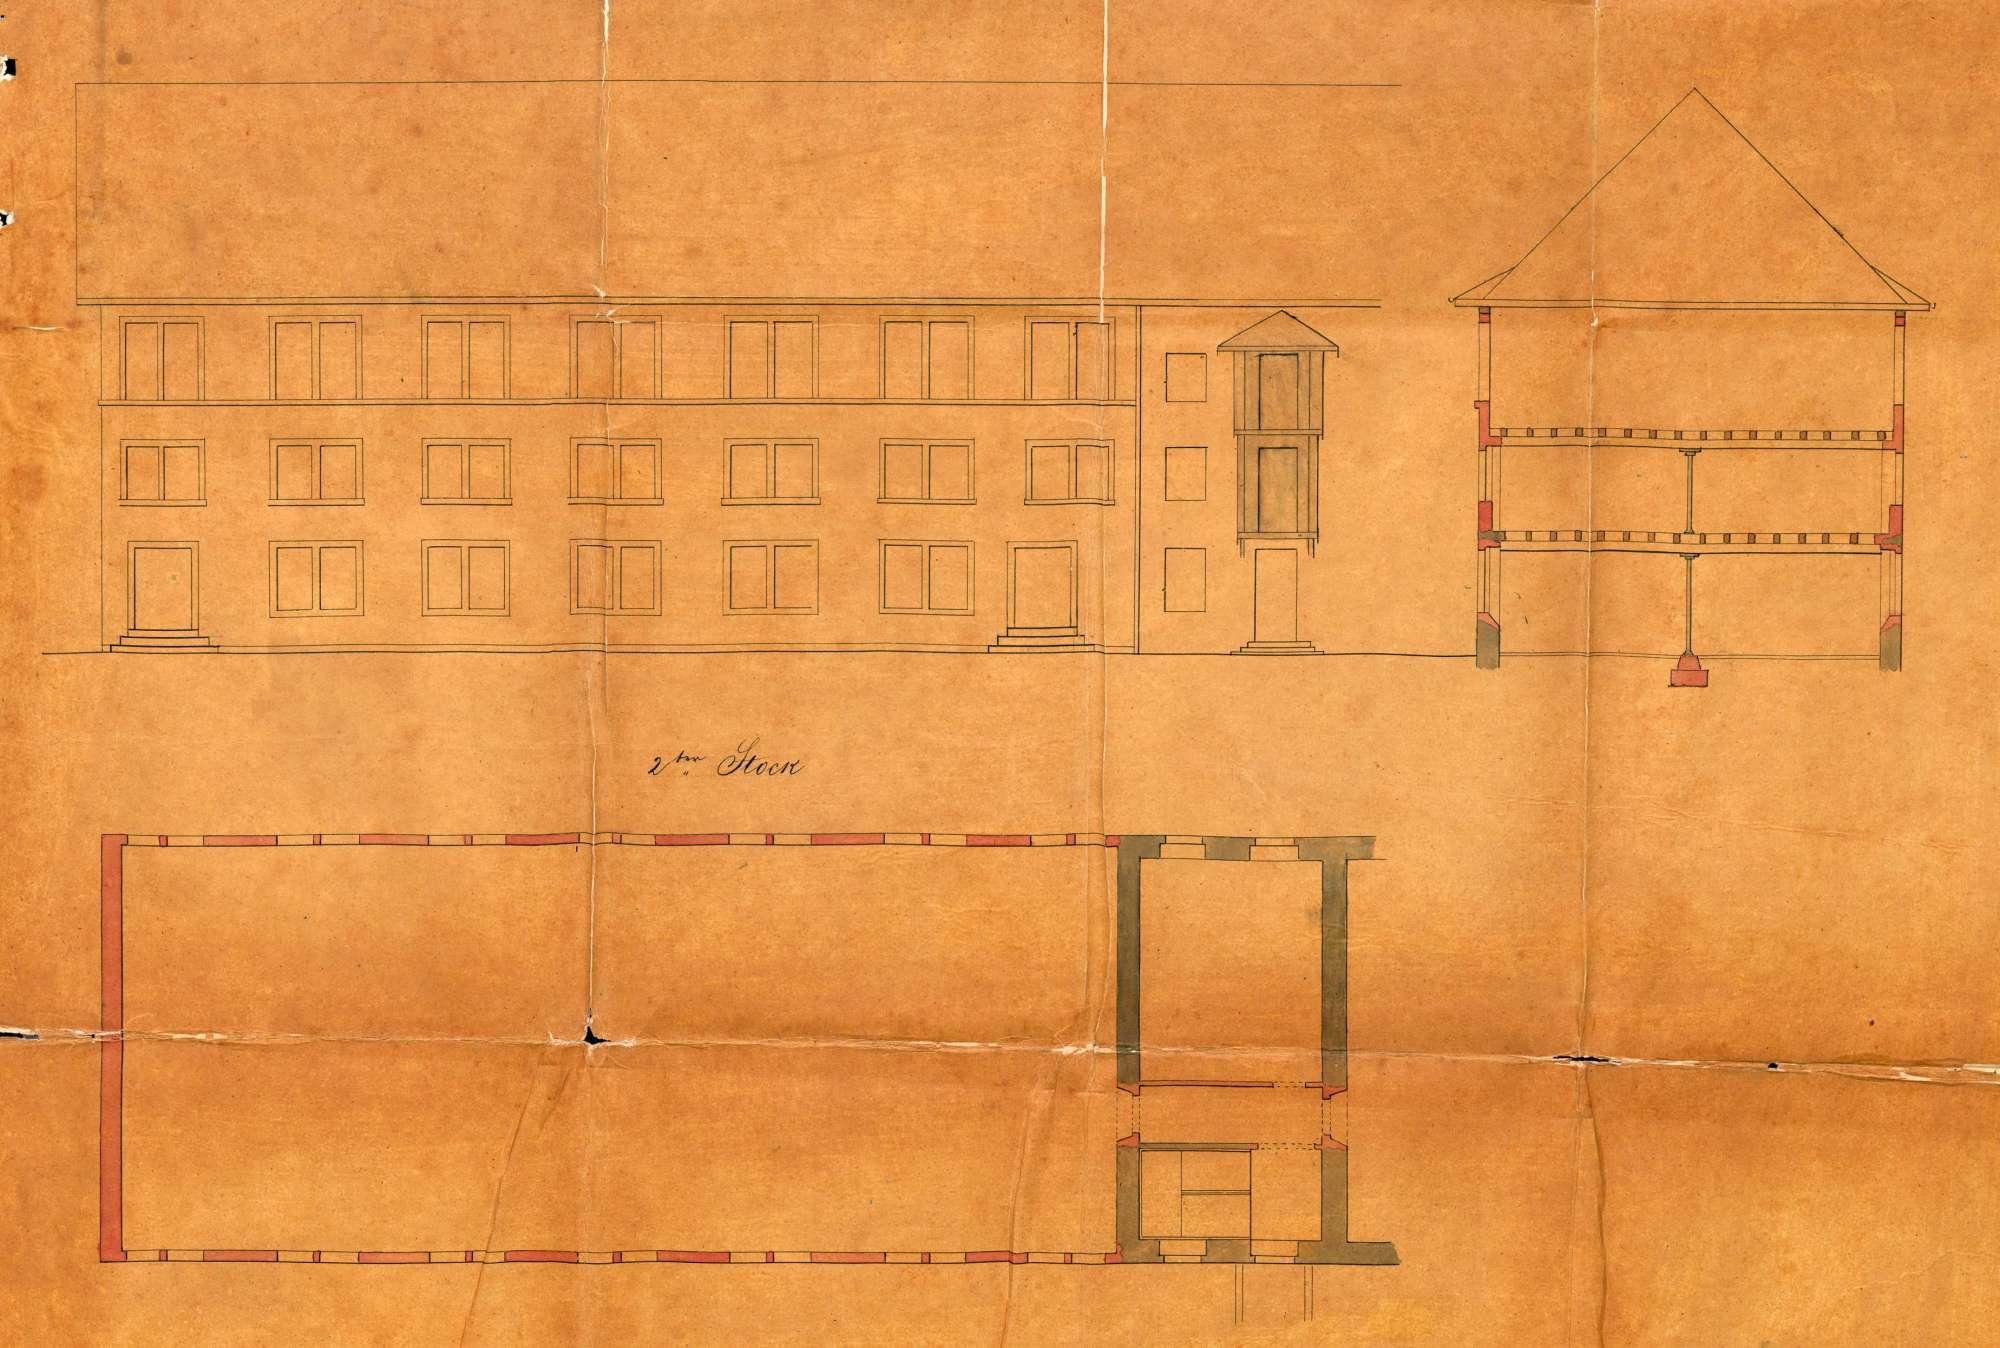 Erwerb von Liegenschaften durch Louis Merian von Basel zur Errichtung einer Maschinenfabrik in Höllstein; Um- und Erweiterungsbauten an der Fabrik, Bild 3